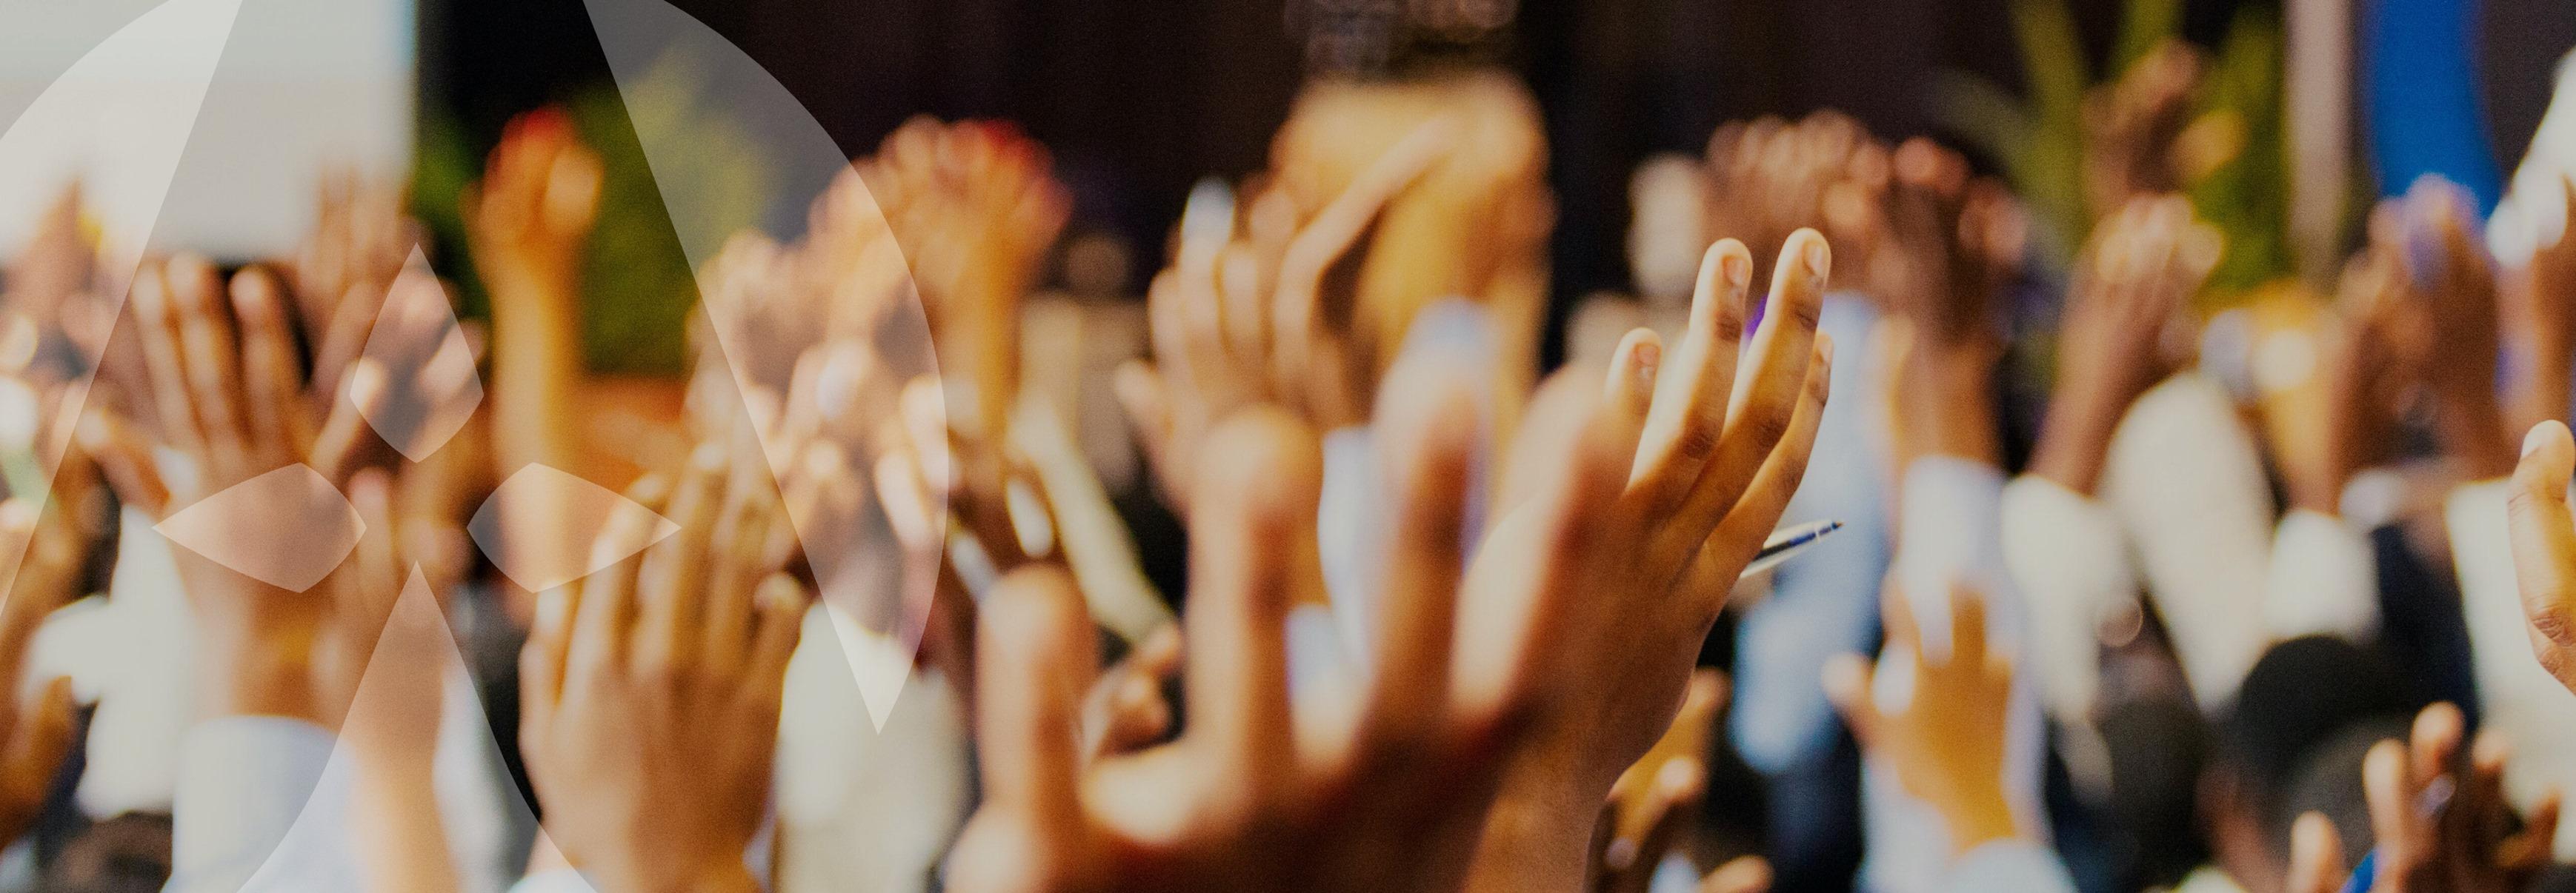 Convention citoyenne : La Bretagne peut-elle s'en inspirer ?